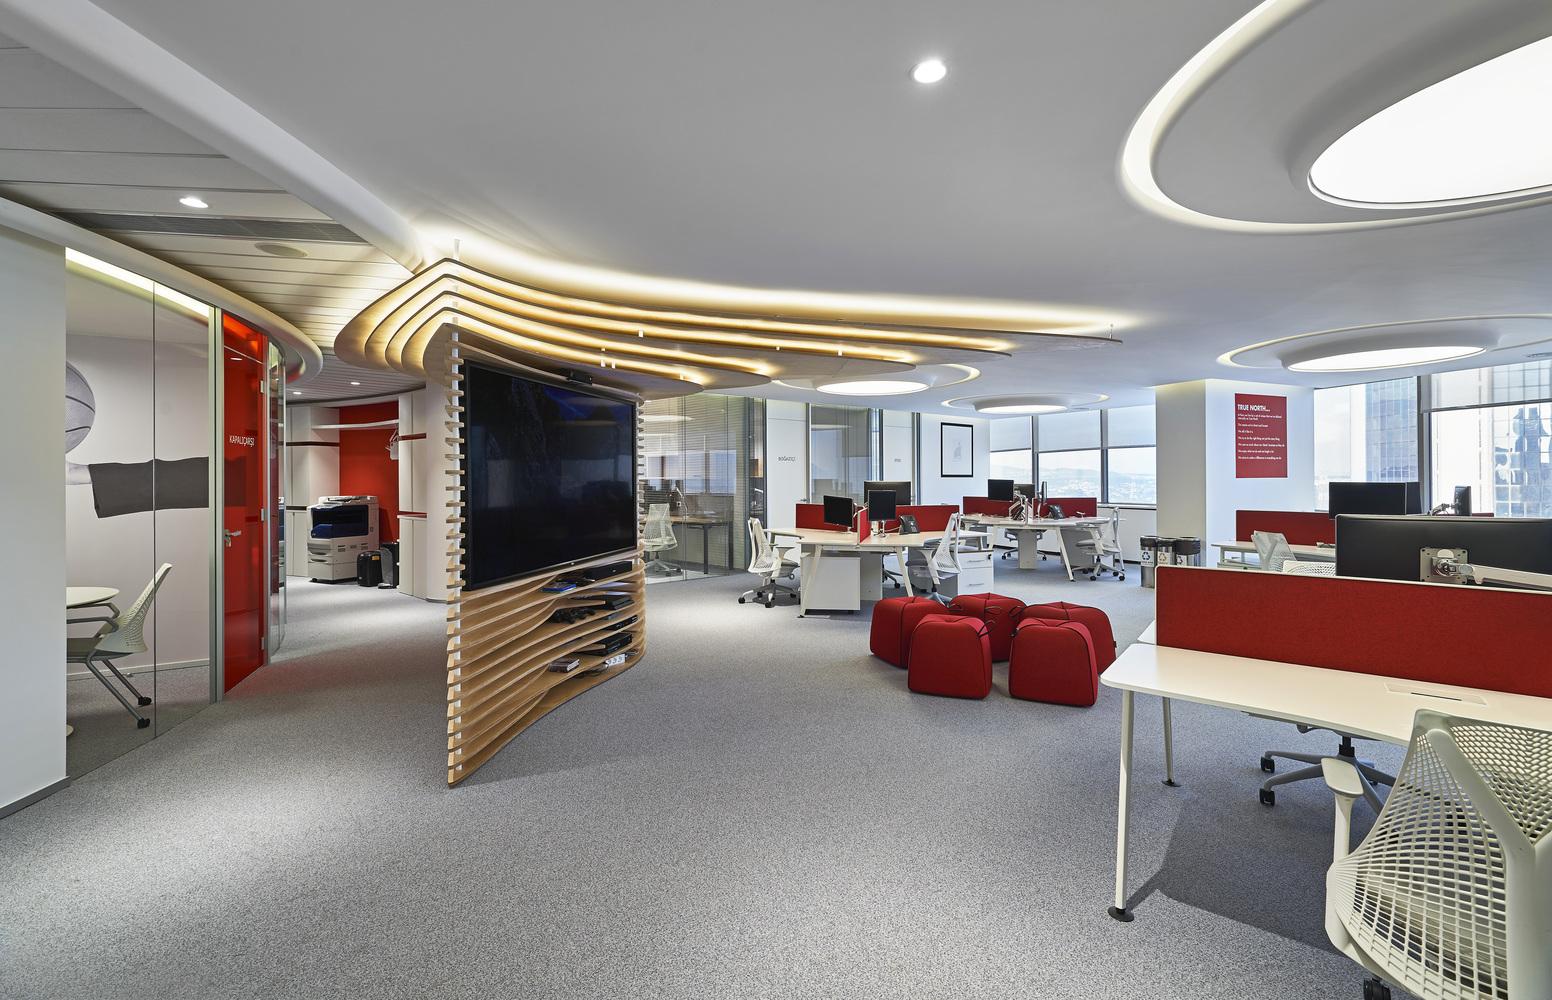 Thiết kế văn phòng sáng tạo - Nội Thất Hòa Phát